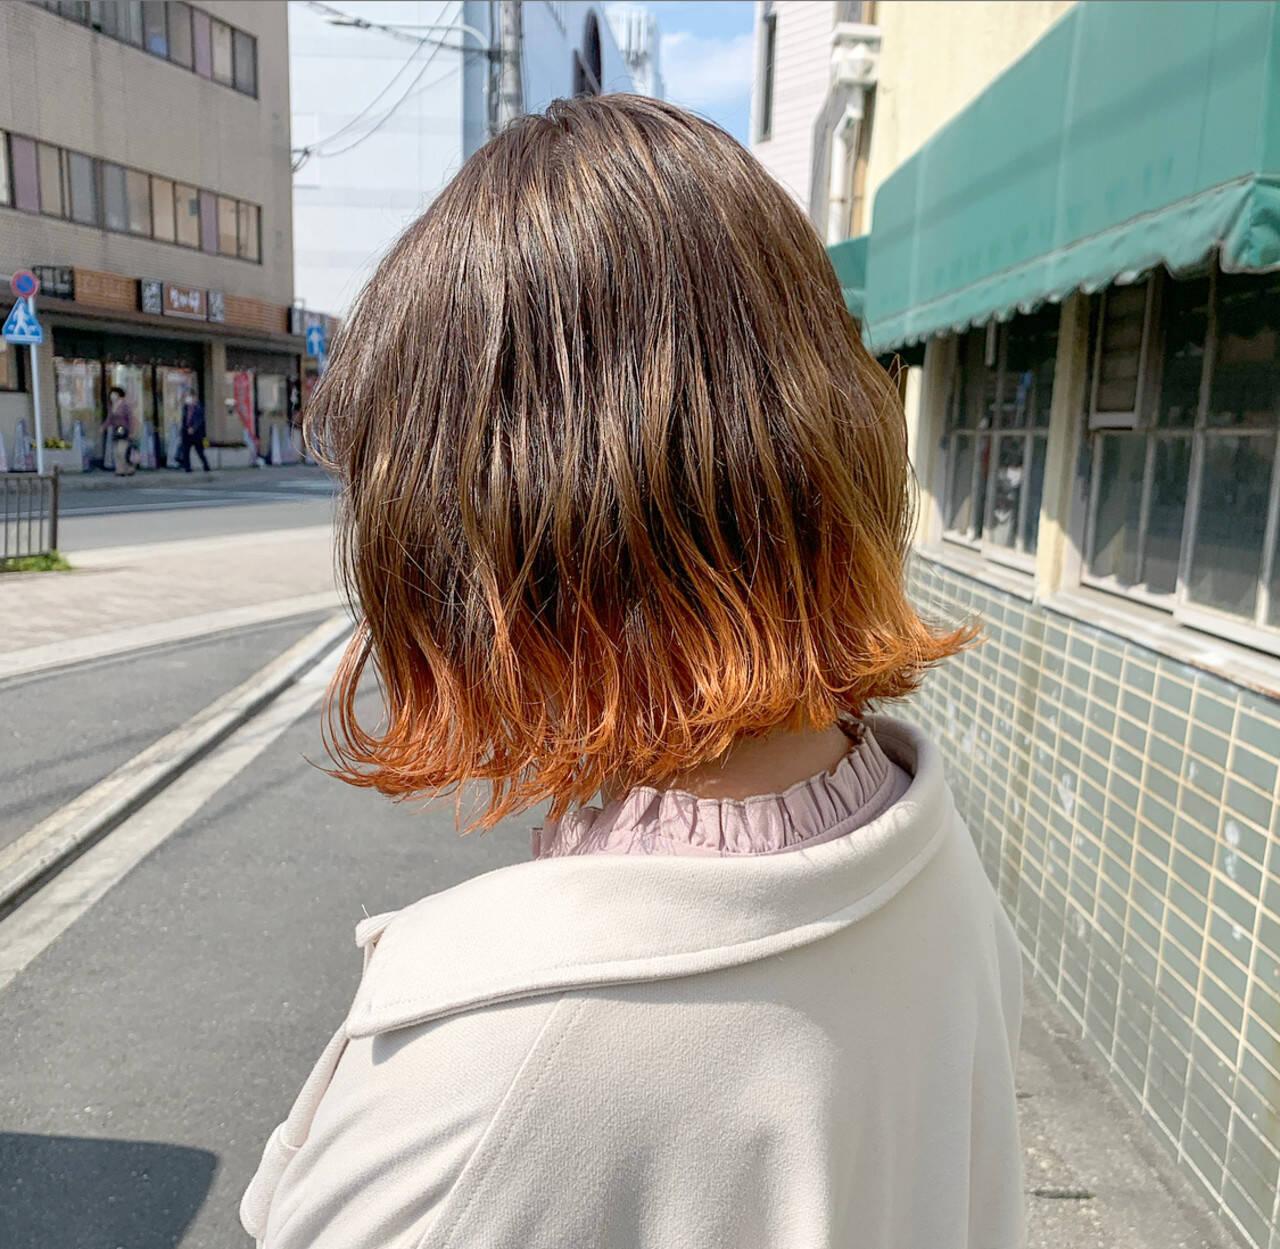 ボブ ナチュラル 裾カラーオレンジ 裾カラーヘアスタイルや髪型の写真・画像